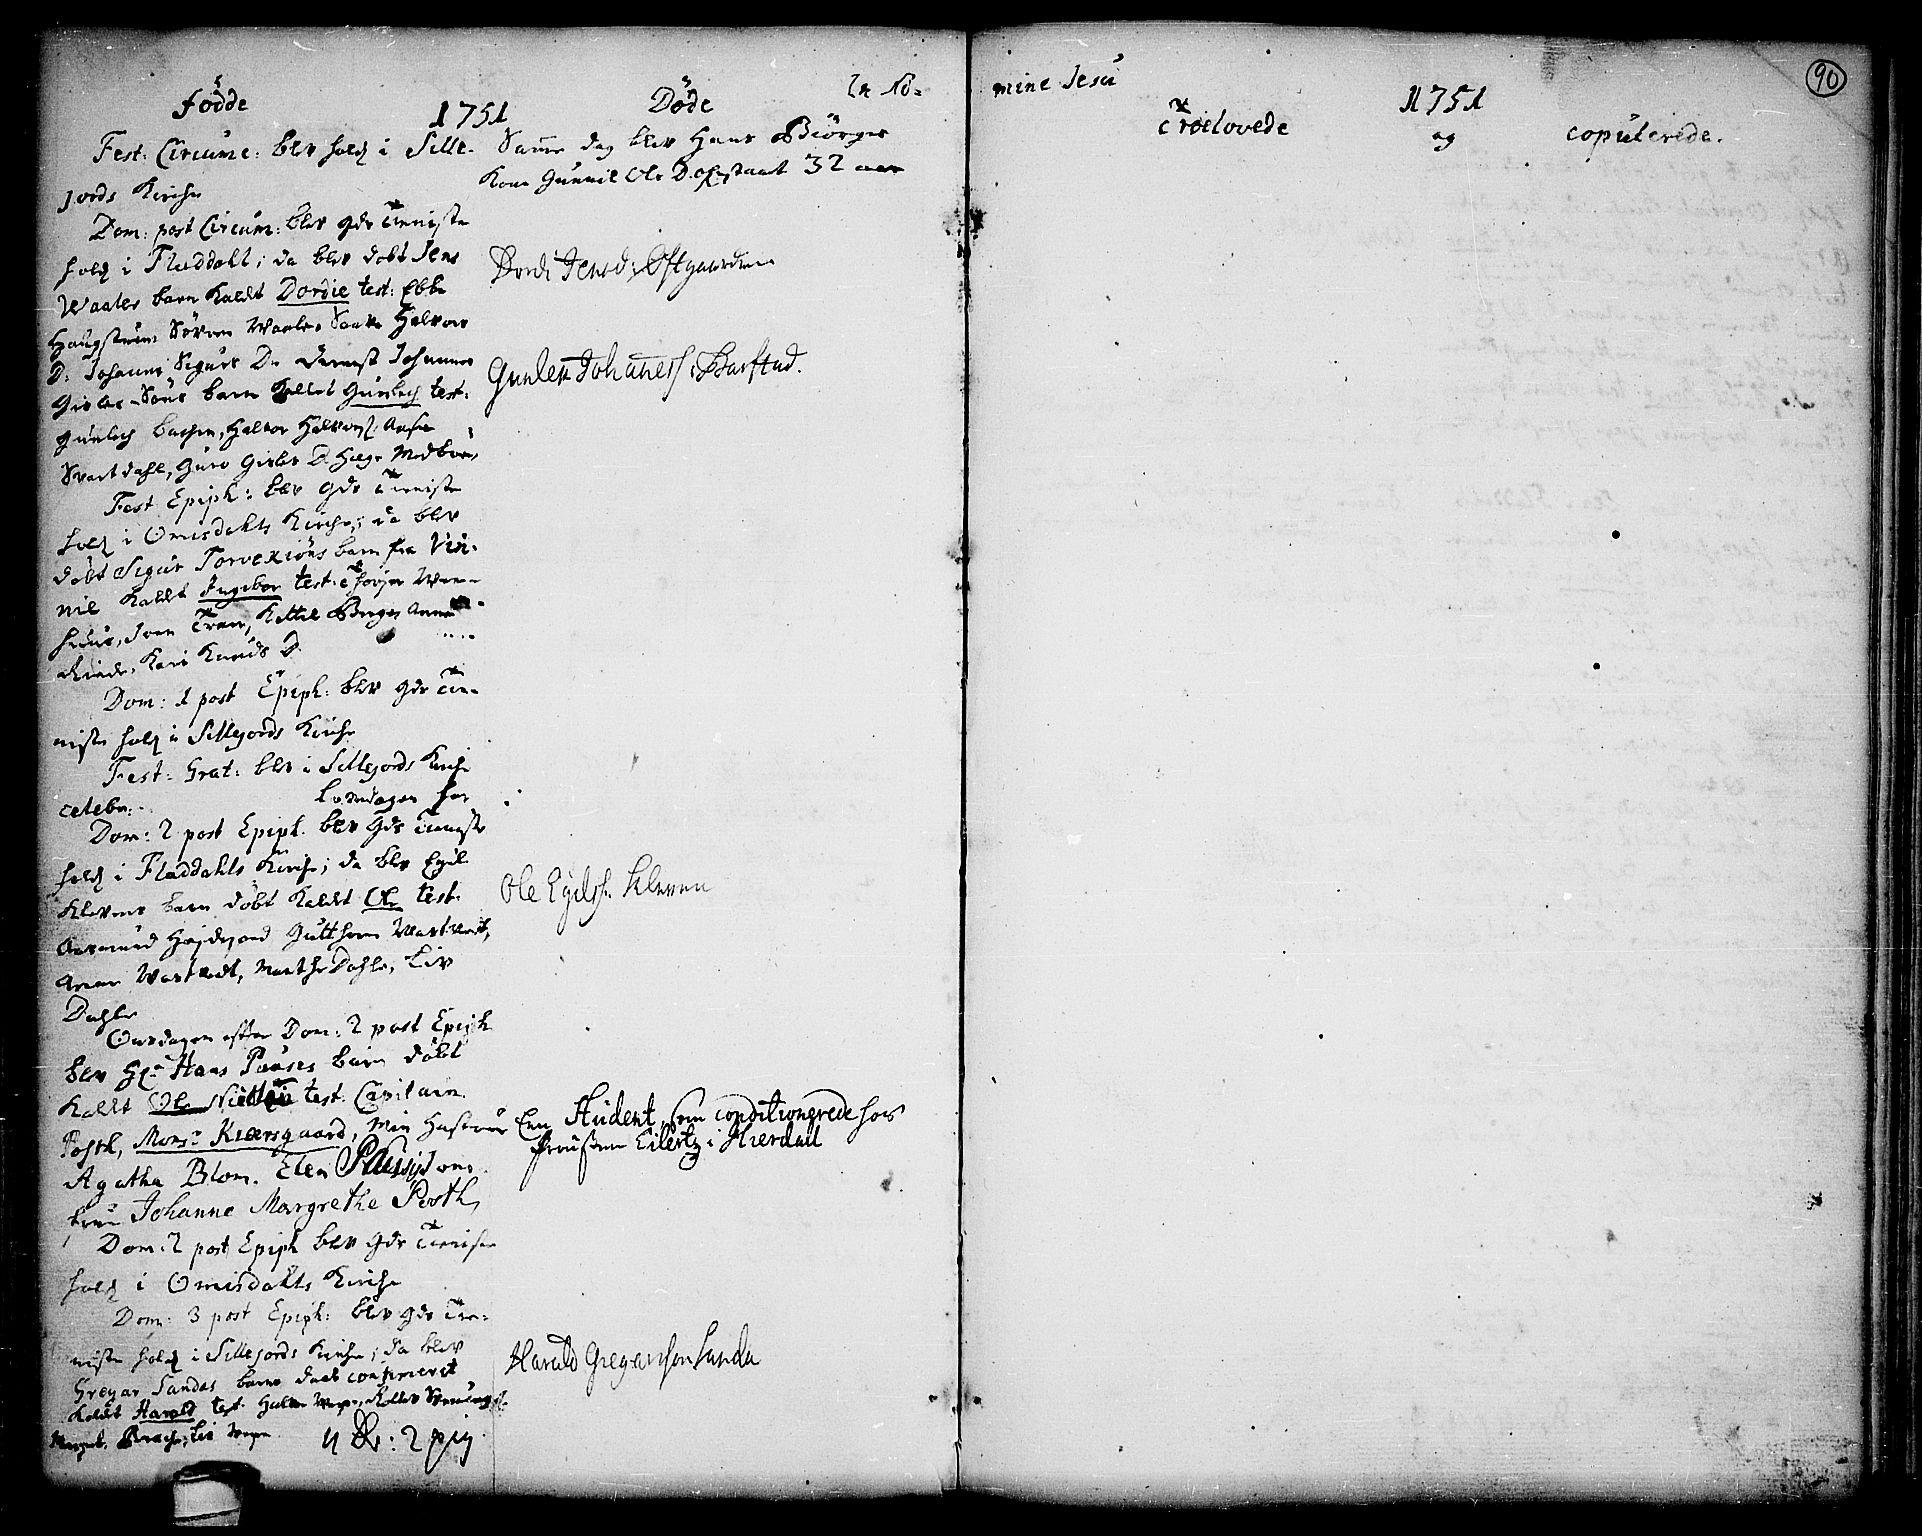 SAKO, Seljord kirkebøker, F/Fa/L0006: Ministerialbok nr. I 6, 1744-1755, s. 90